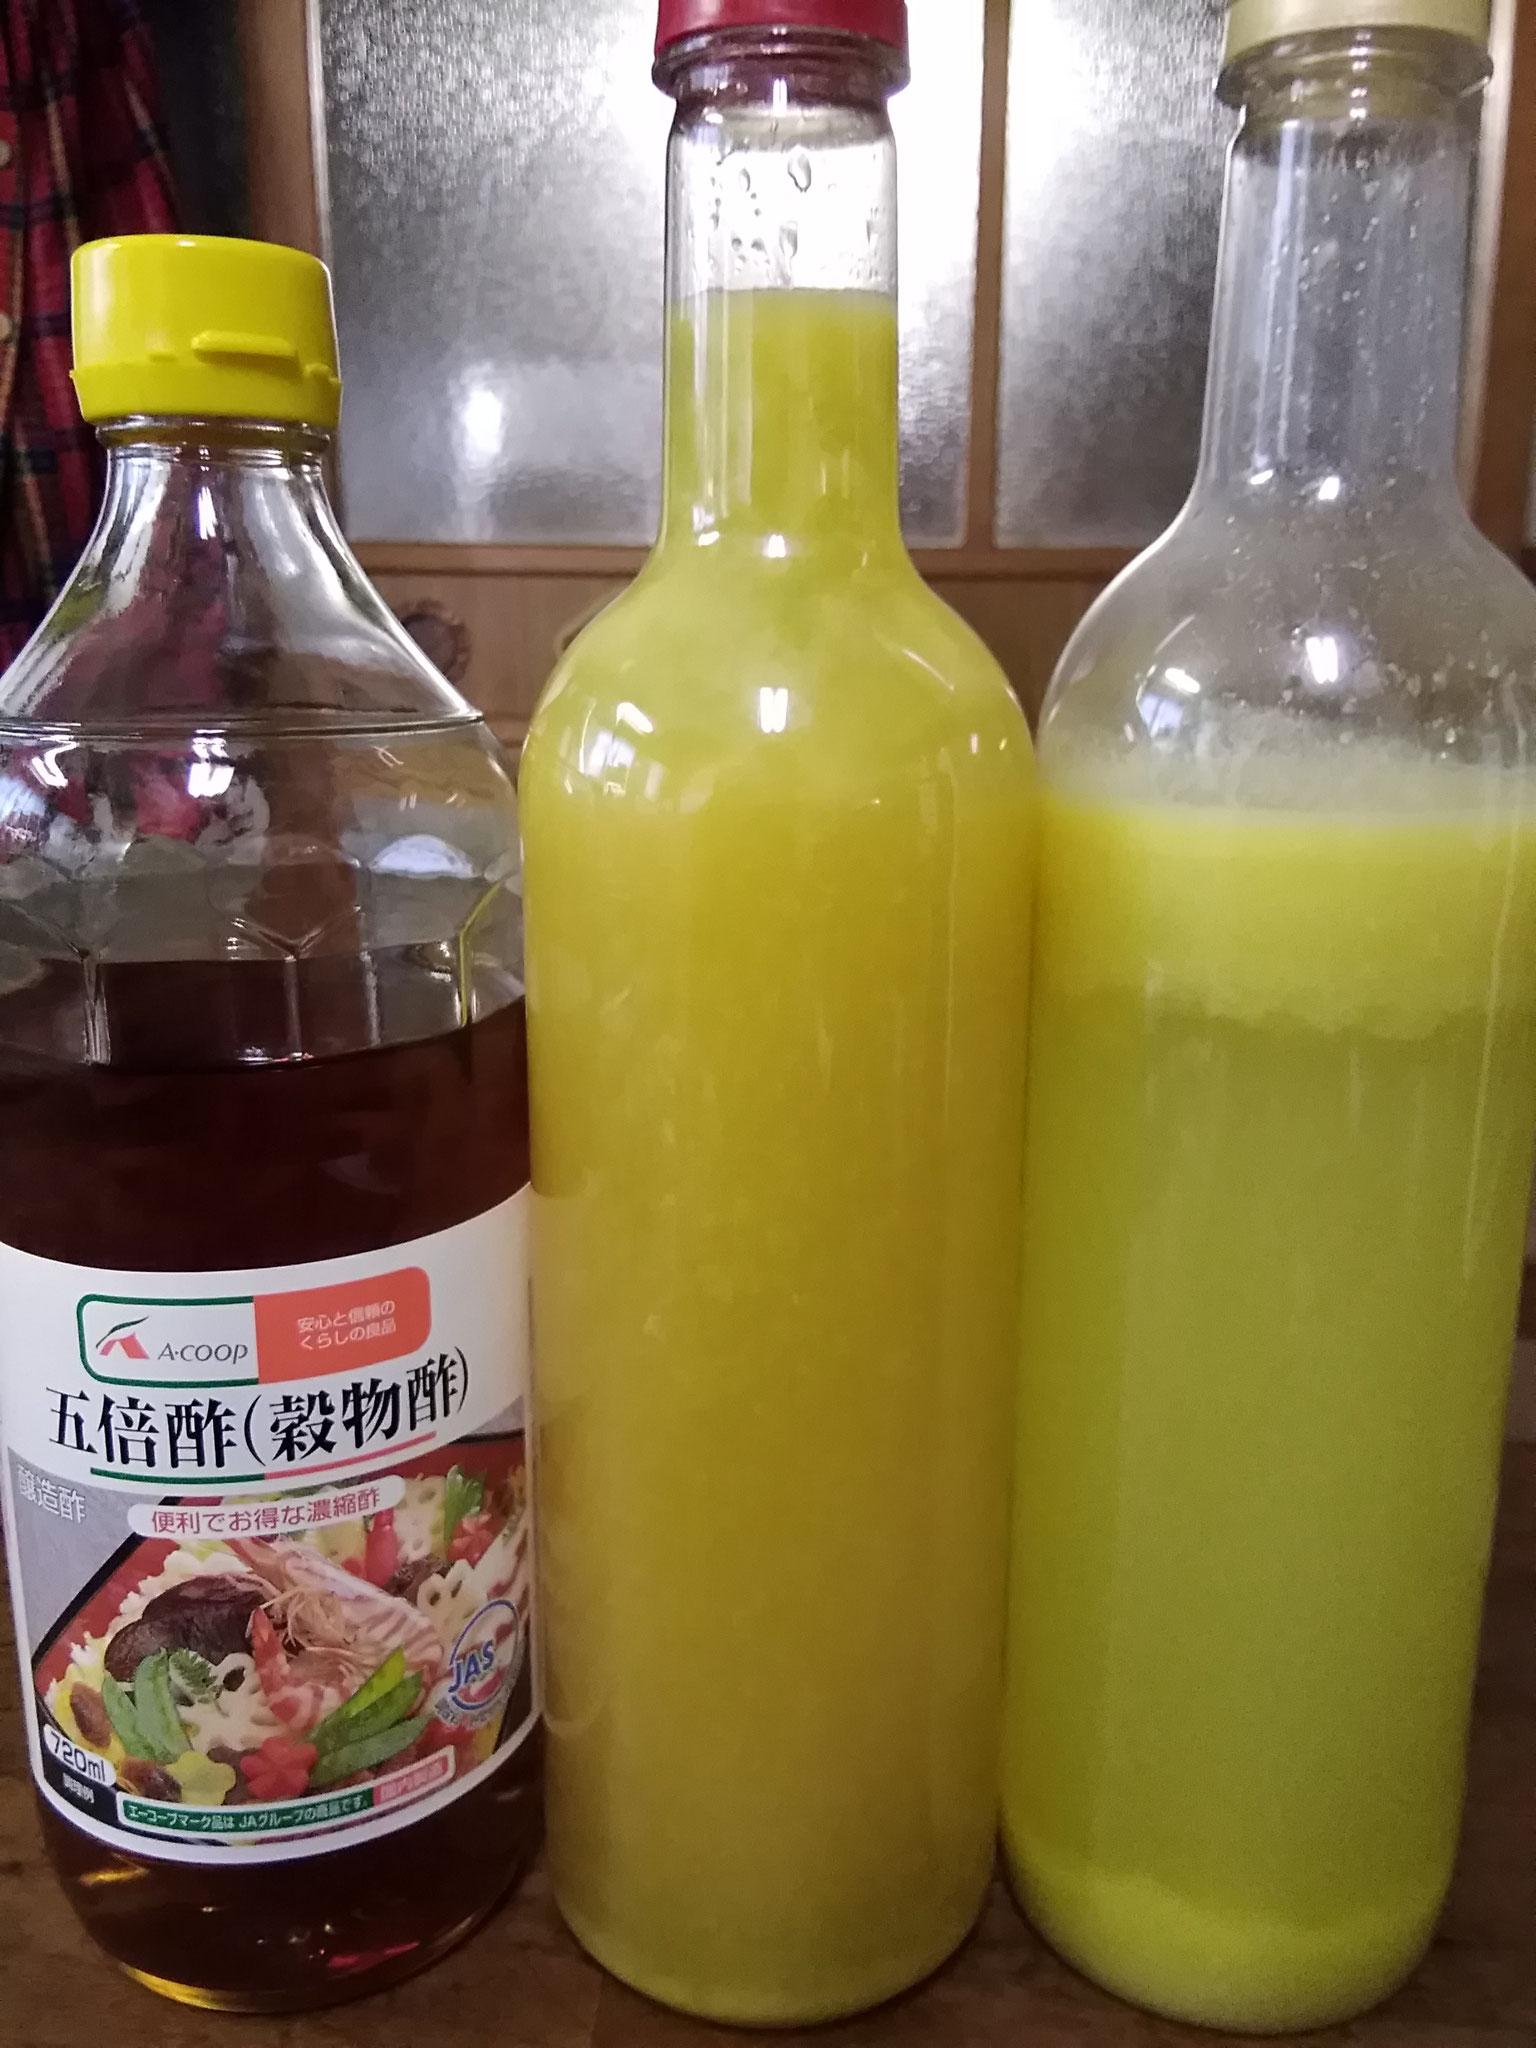 柚子汁。「南半球絞り」で香りを汁に移し、五倍酢を入れて保存性を高めます。